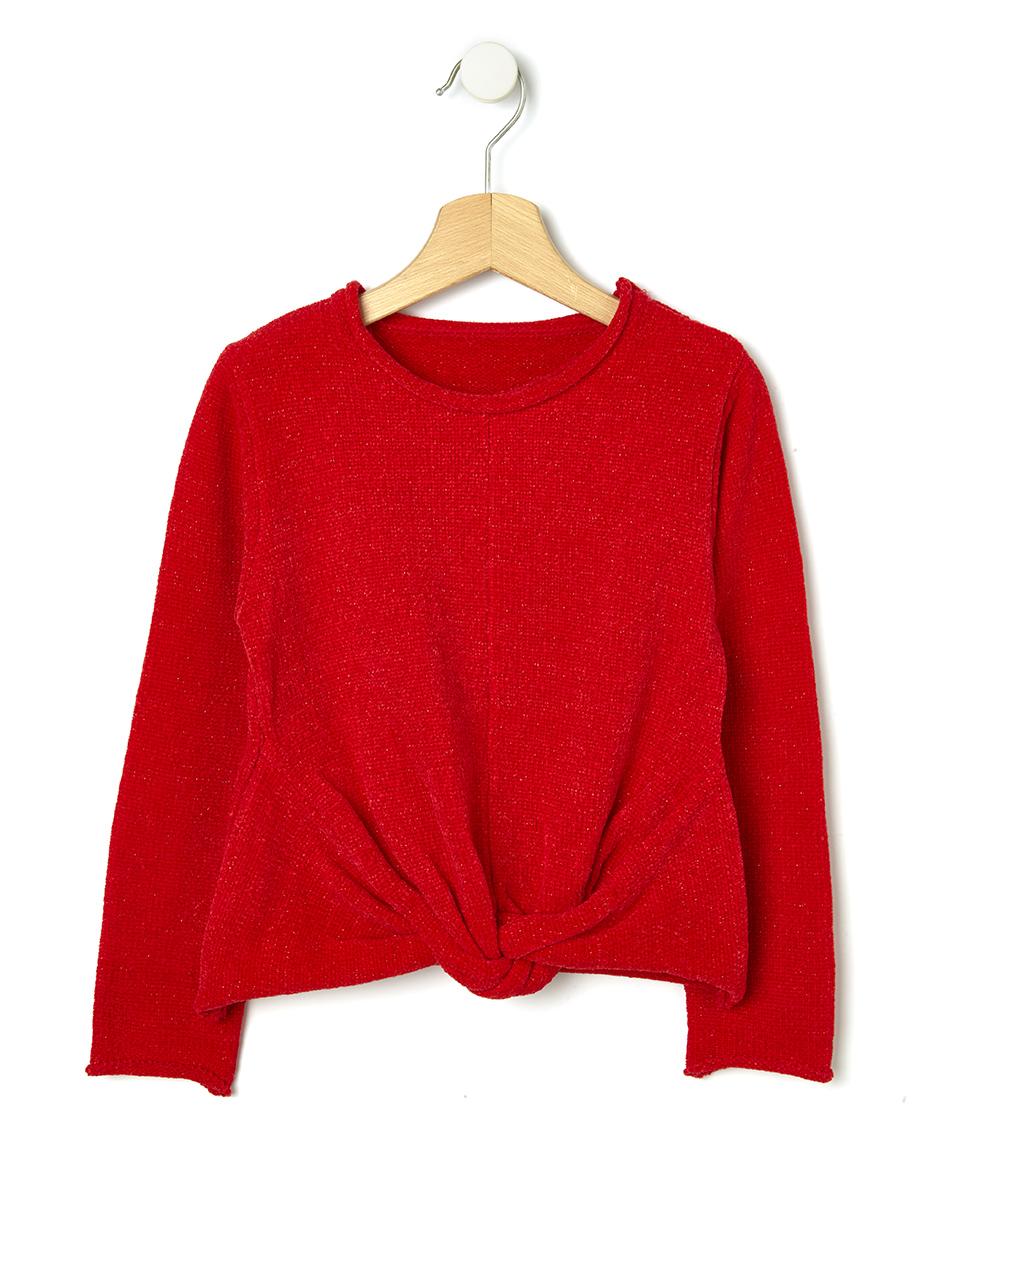 Πλεκτό μπλουζάκι σενίλ με lurex για Κορίτσι